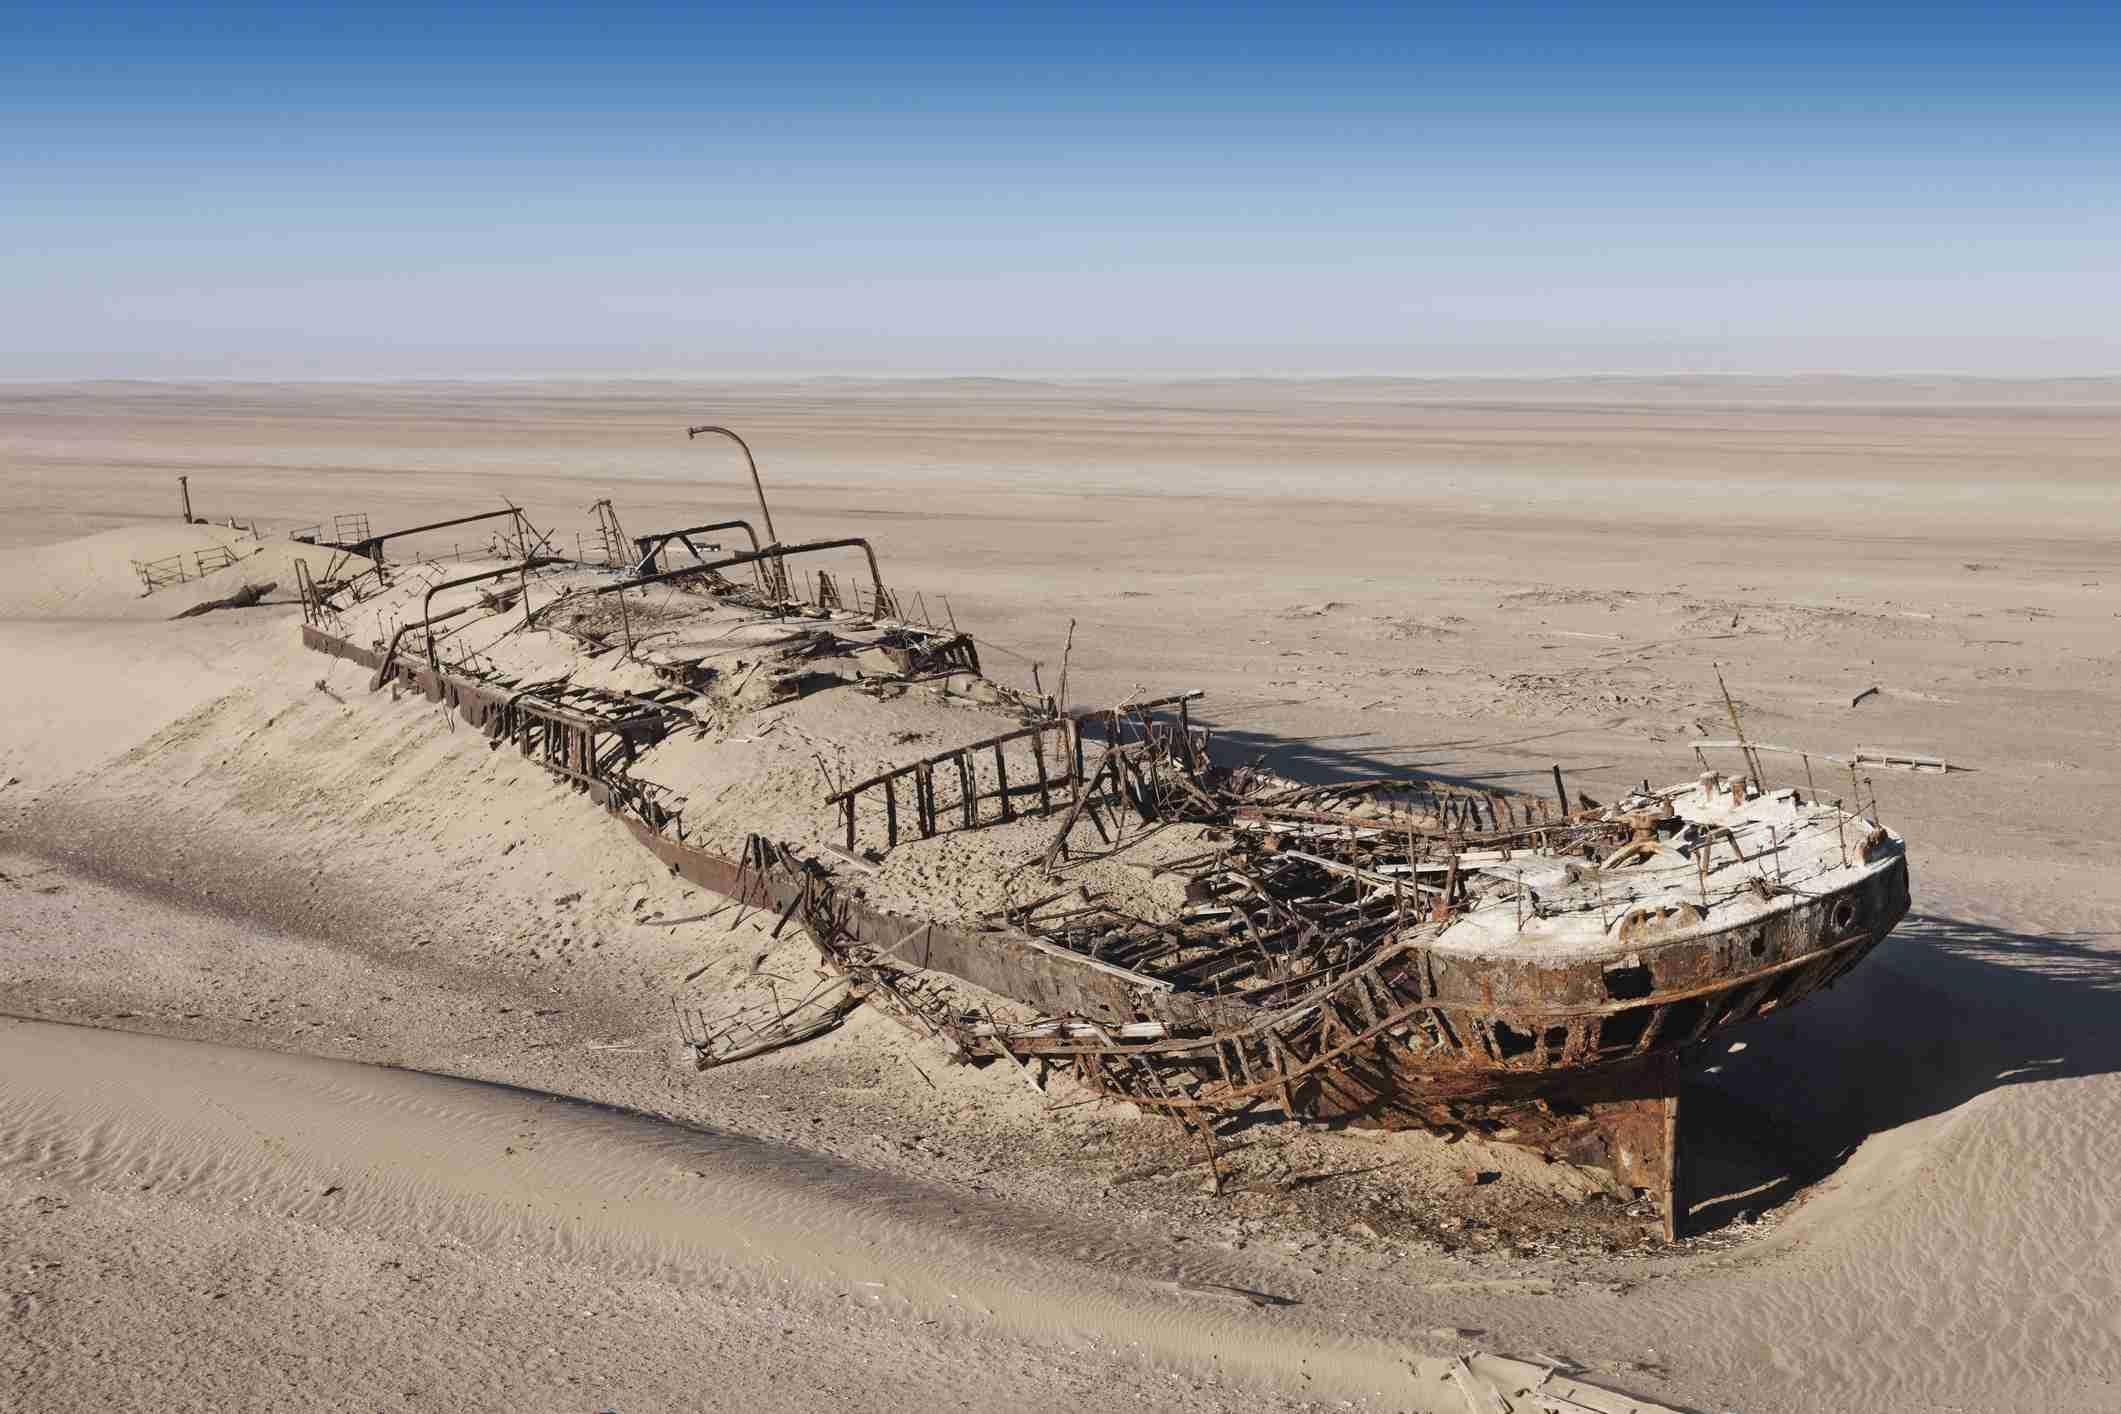 Wreck of the Eduard Bohlen